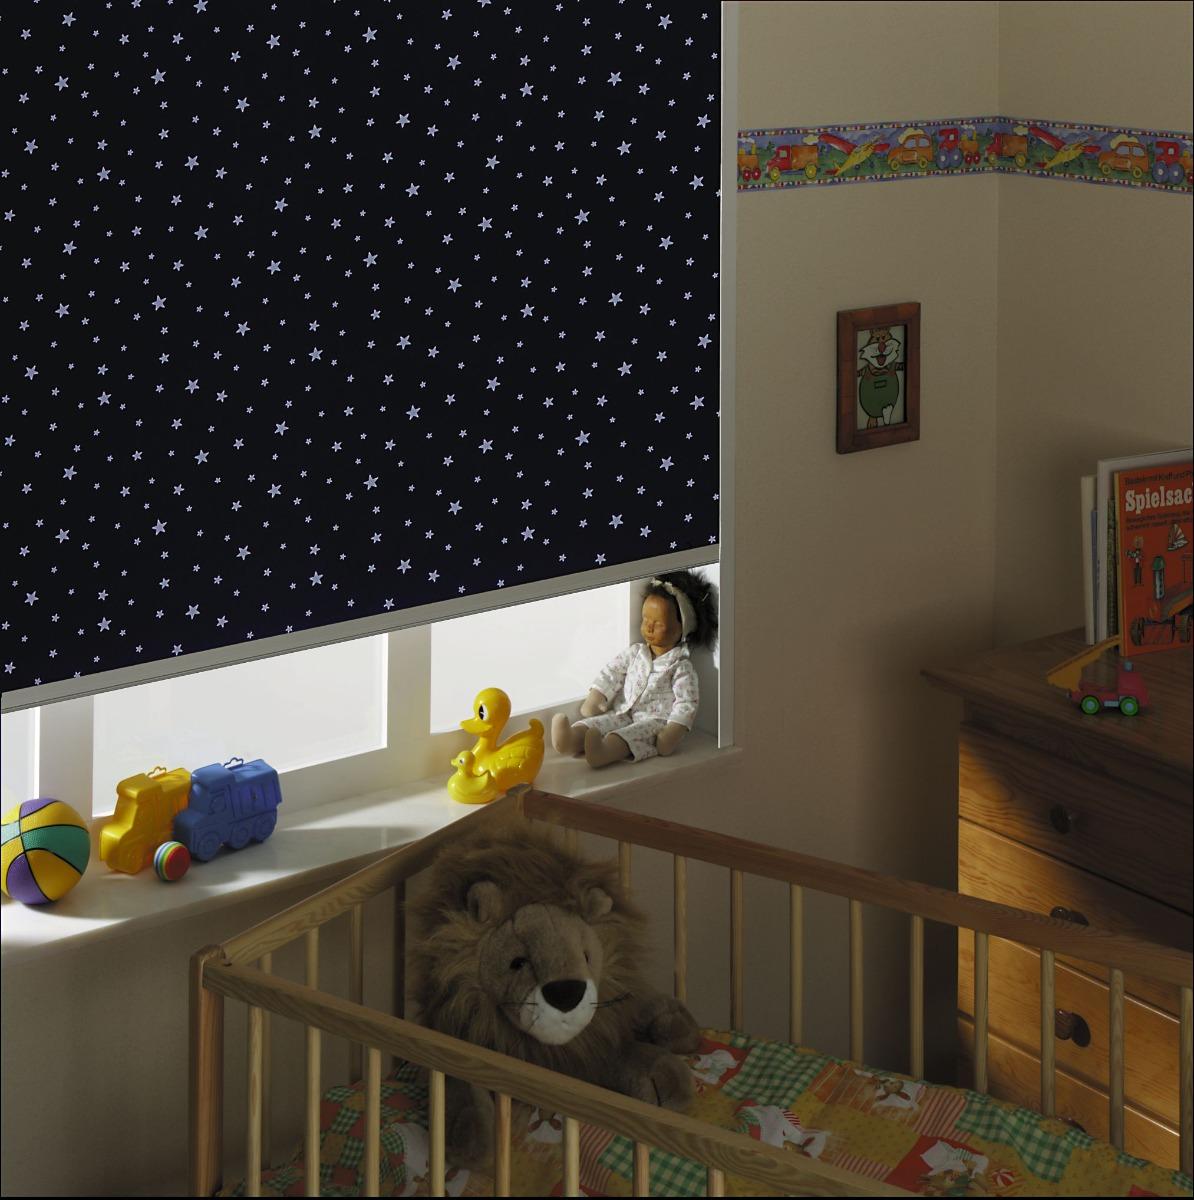 Full Size of Raumimpressionen Kinderzimmer Dekofactory Regal Weiß Plissee Fenster Regale Sofa Kinderzimmer Plissee Kinderzimmer